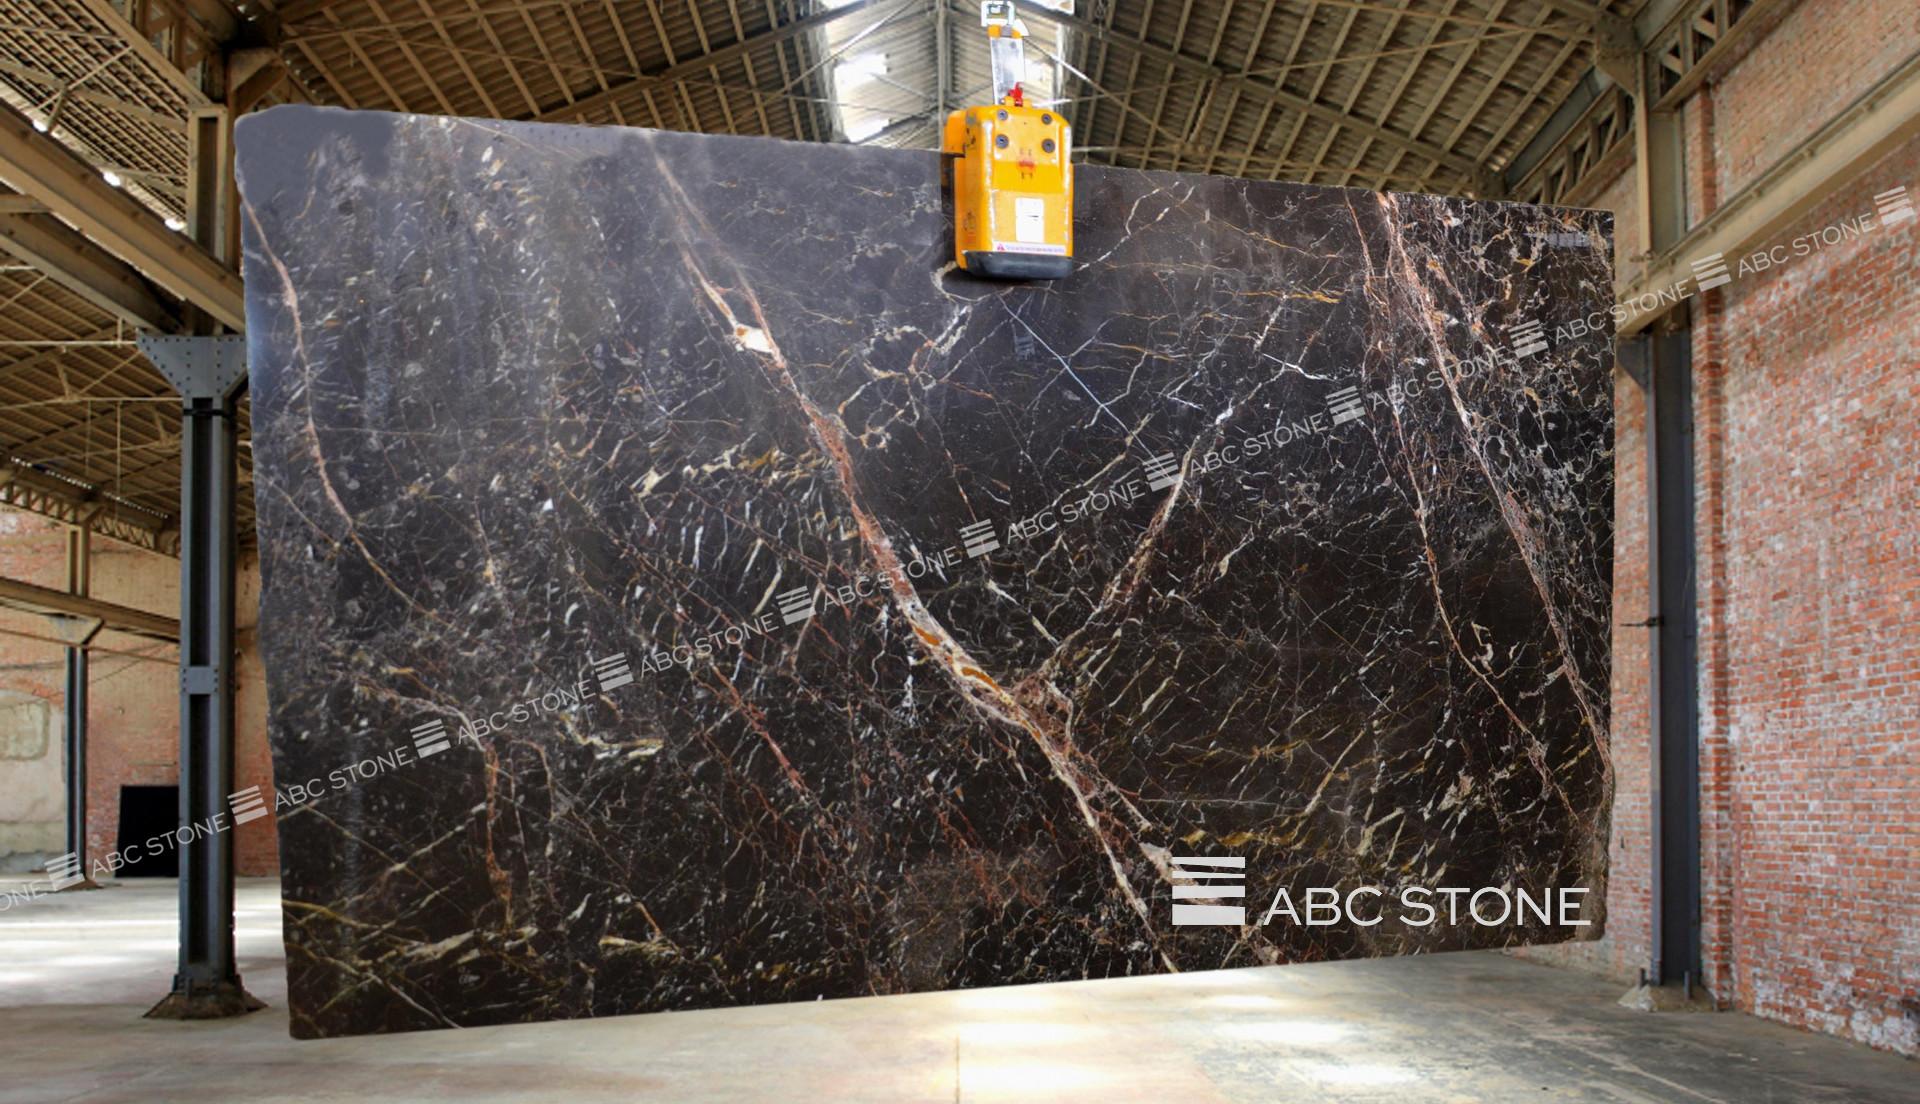 Noir St Laurent Abc Stone Abc Stone